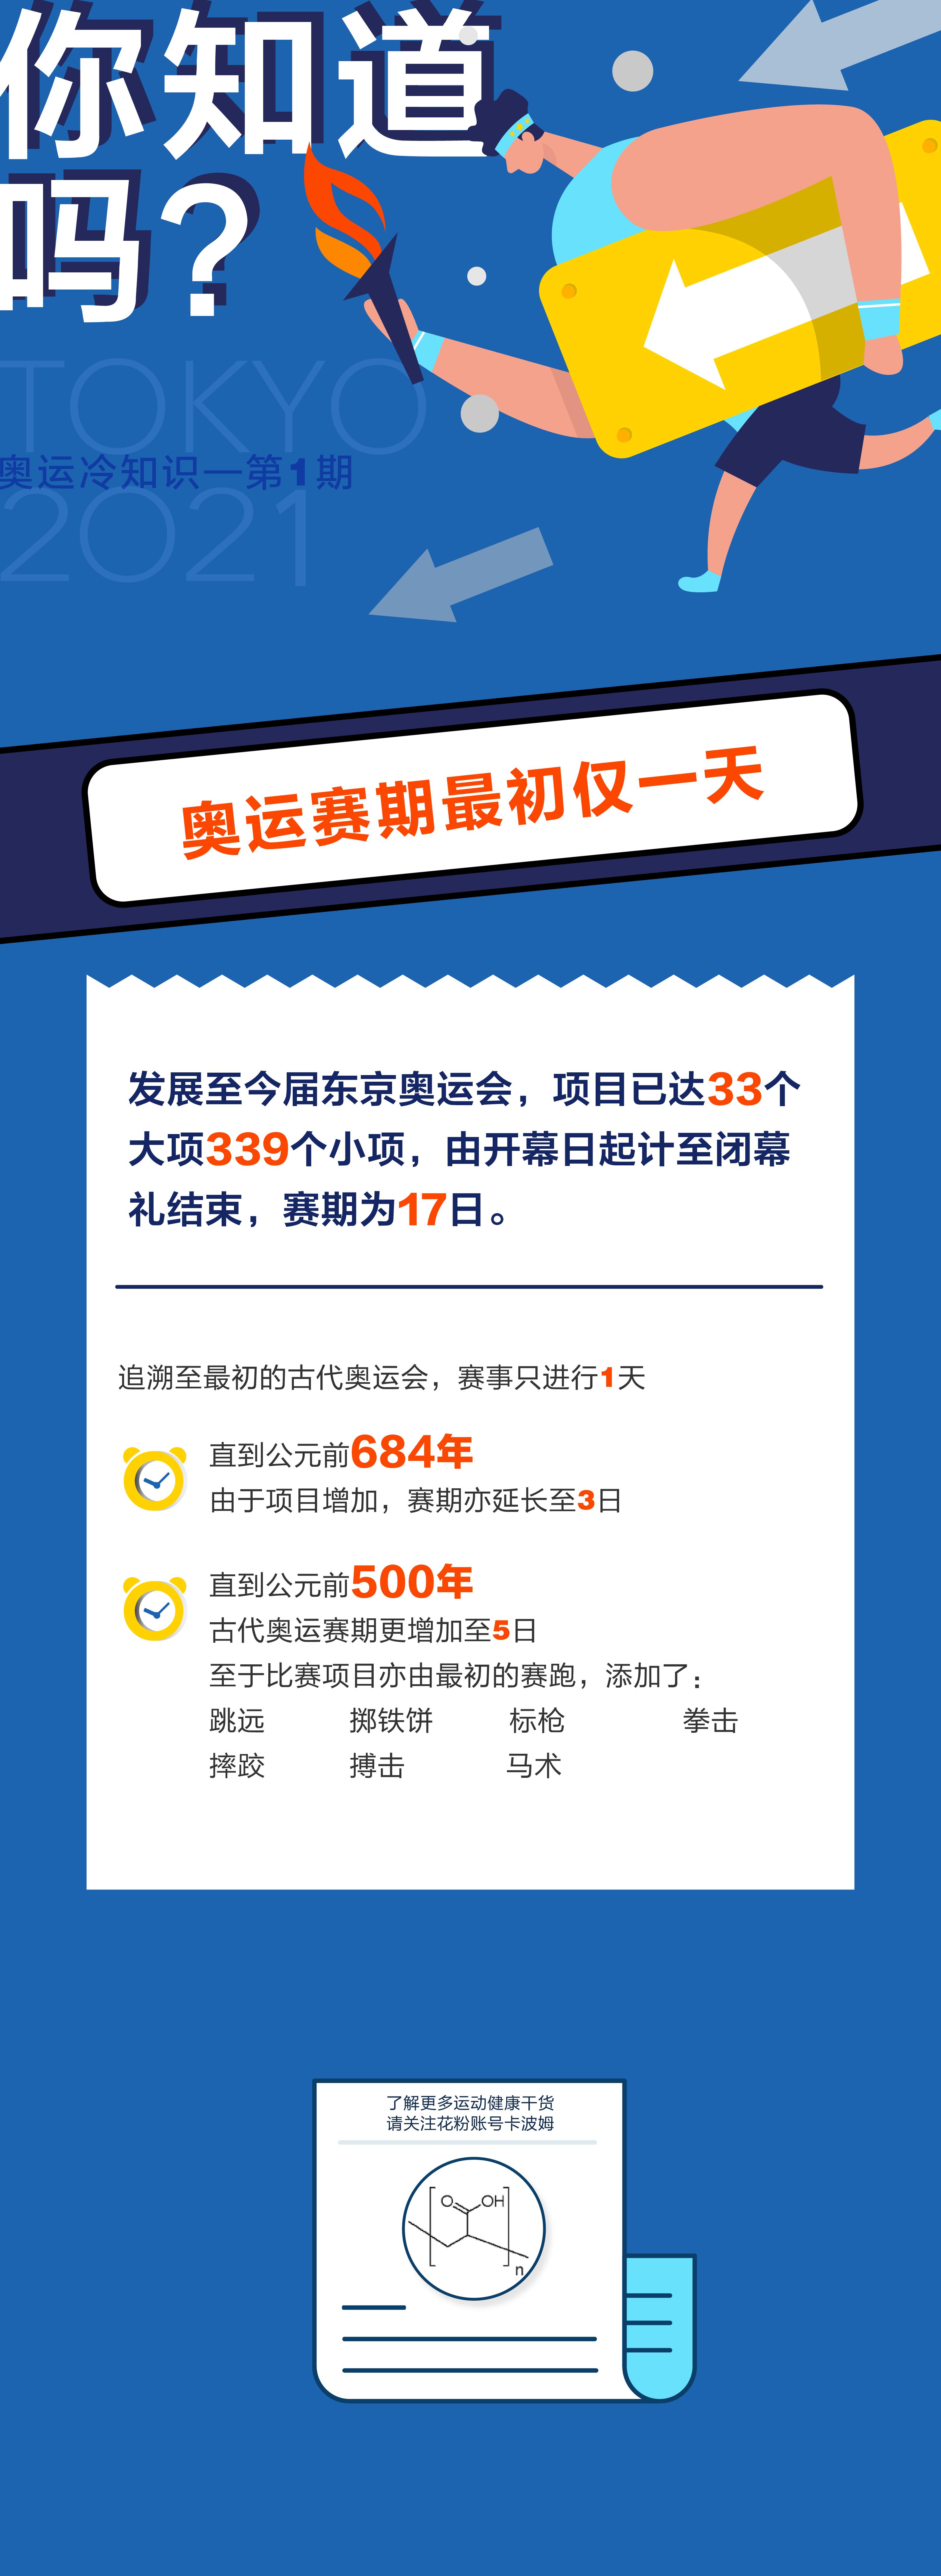 21.7.19 奥运专题3.0_画板 1.png